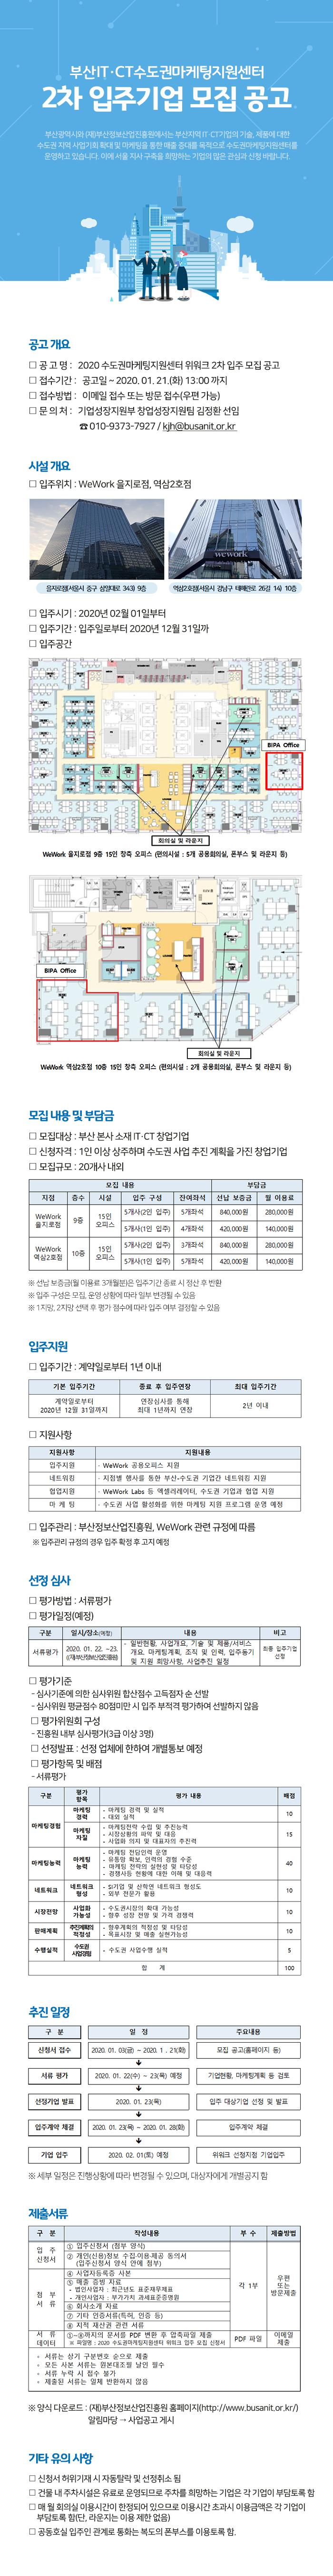 부산IT·CT수도권마케팅지원센터 위워크 2차 입주공고 안내